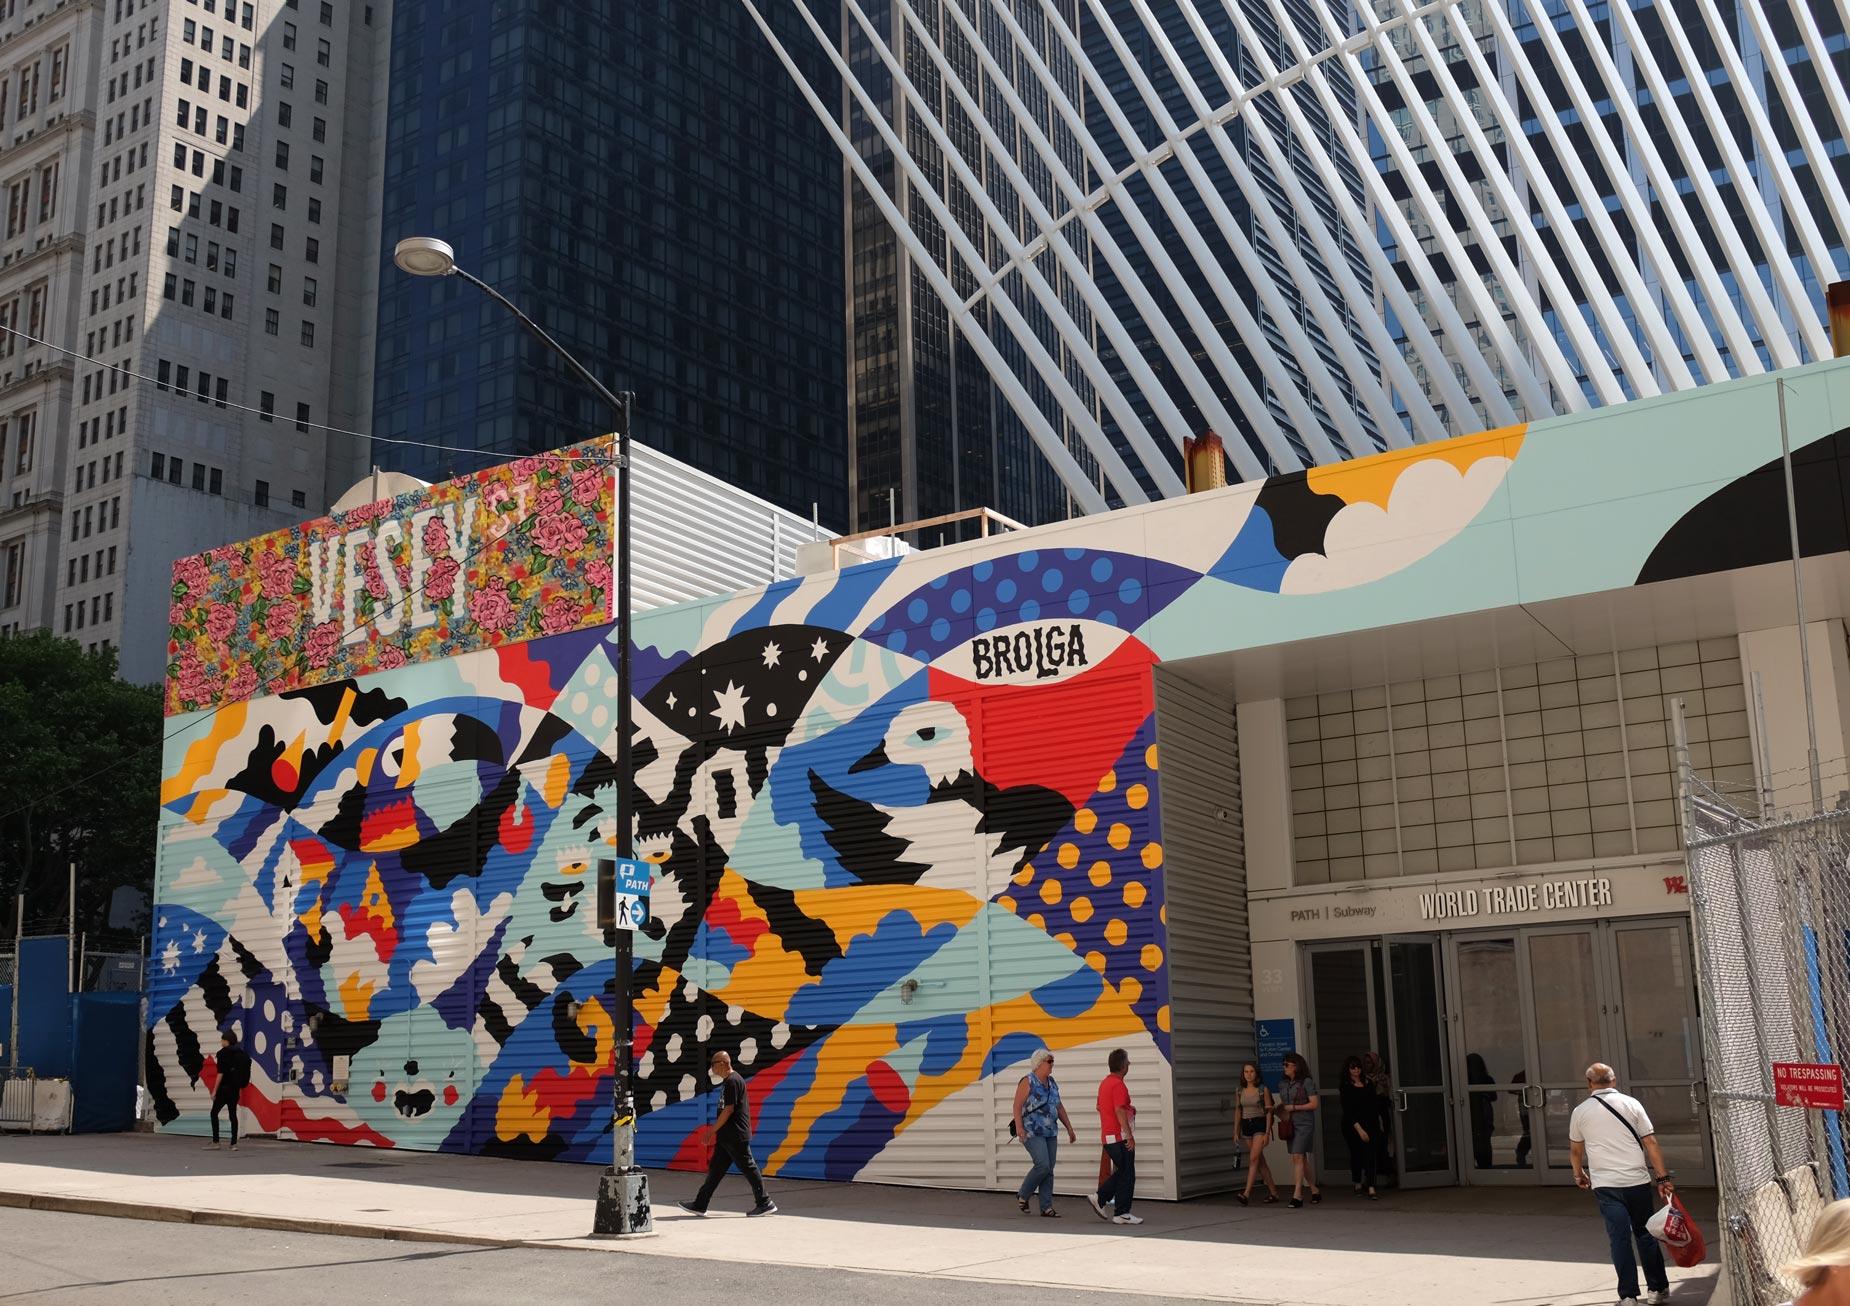 Brolga_WTC_Mural_Photo7.jpg